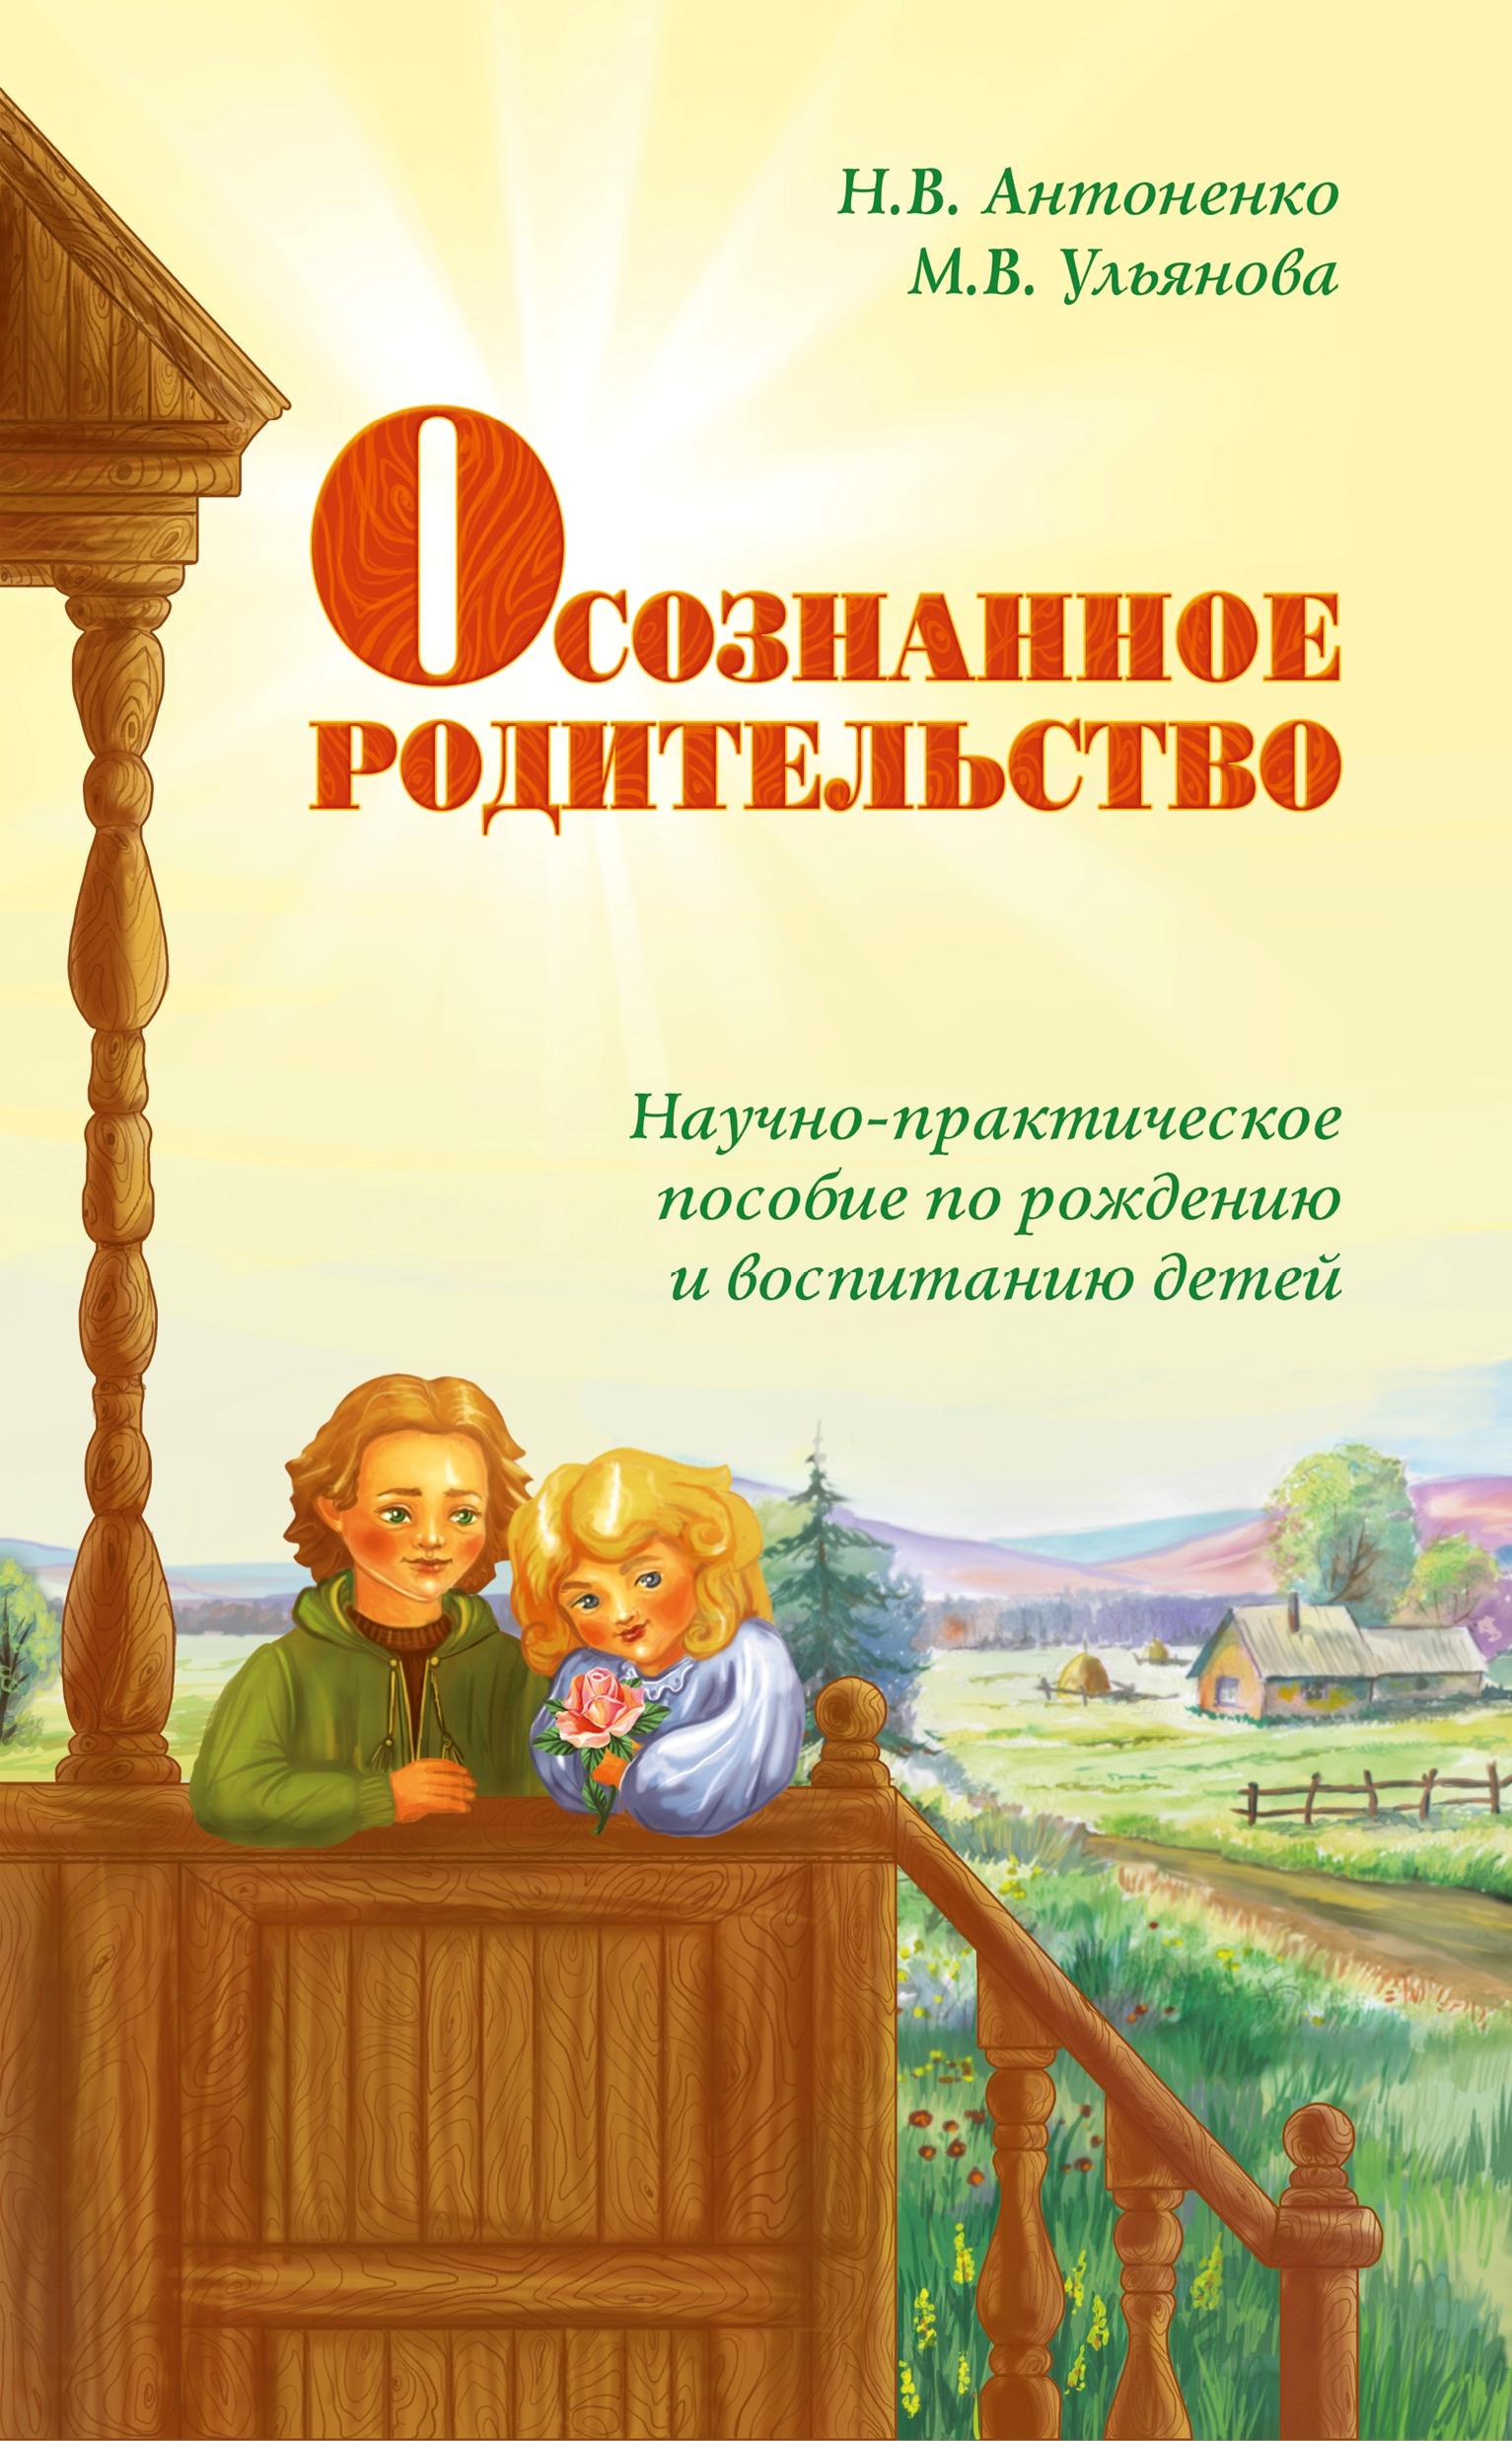 Осознанное родительство. Научно-практическое руководство по рождению и воспитанию детей